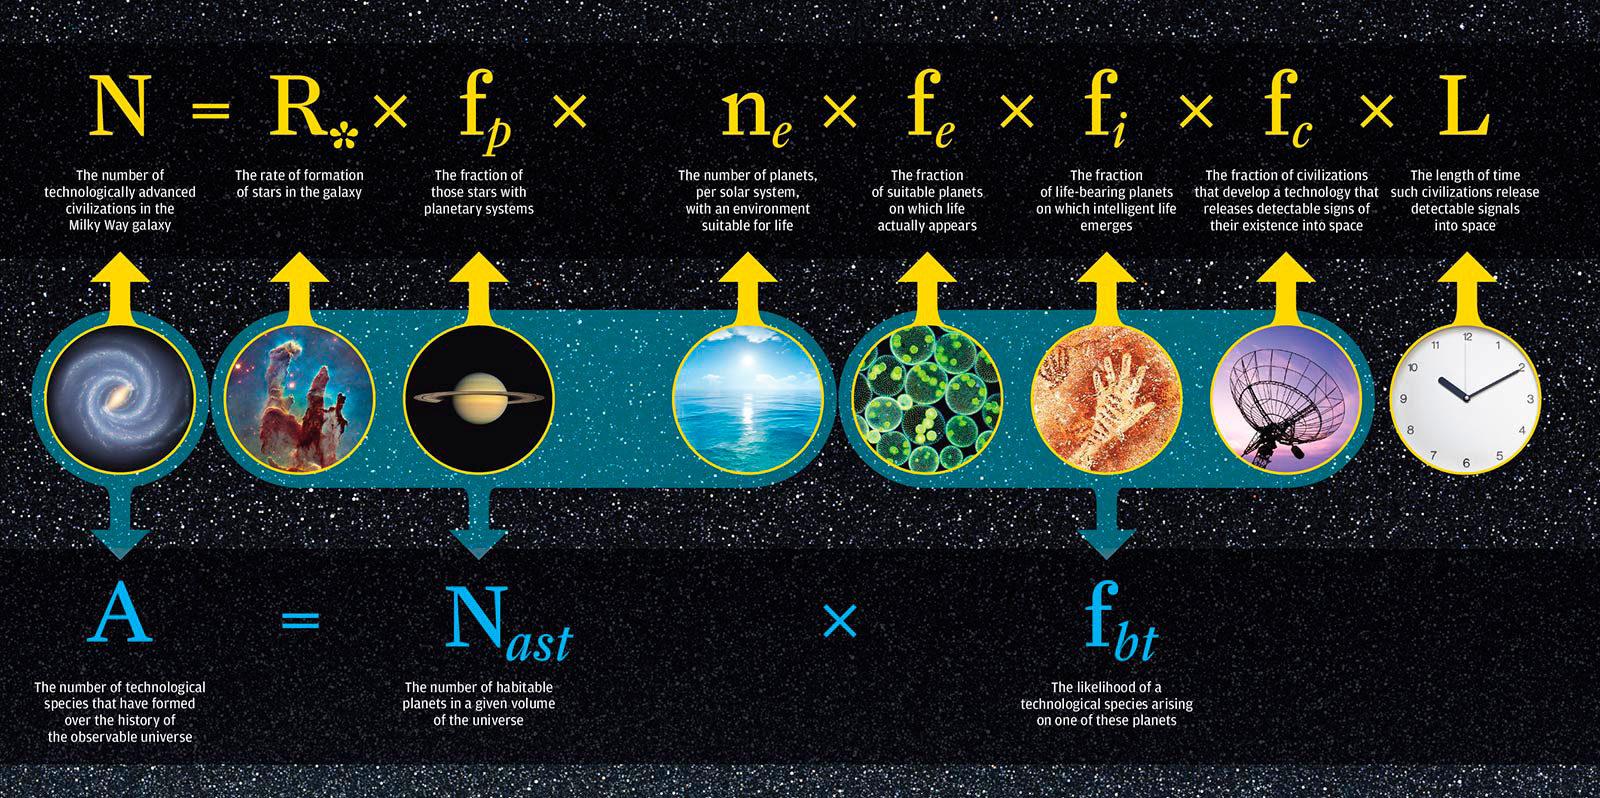 Уравнение Дрейка и его модификация. Изображение: rochester.edu